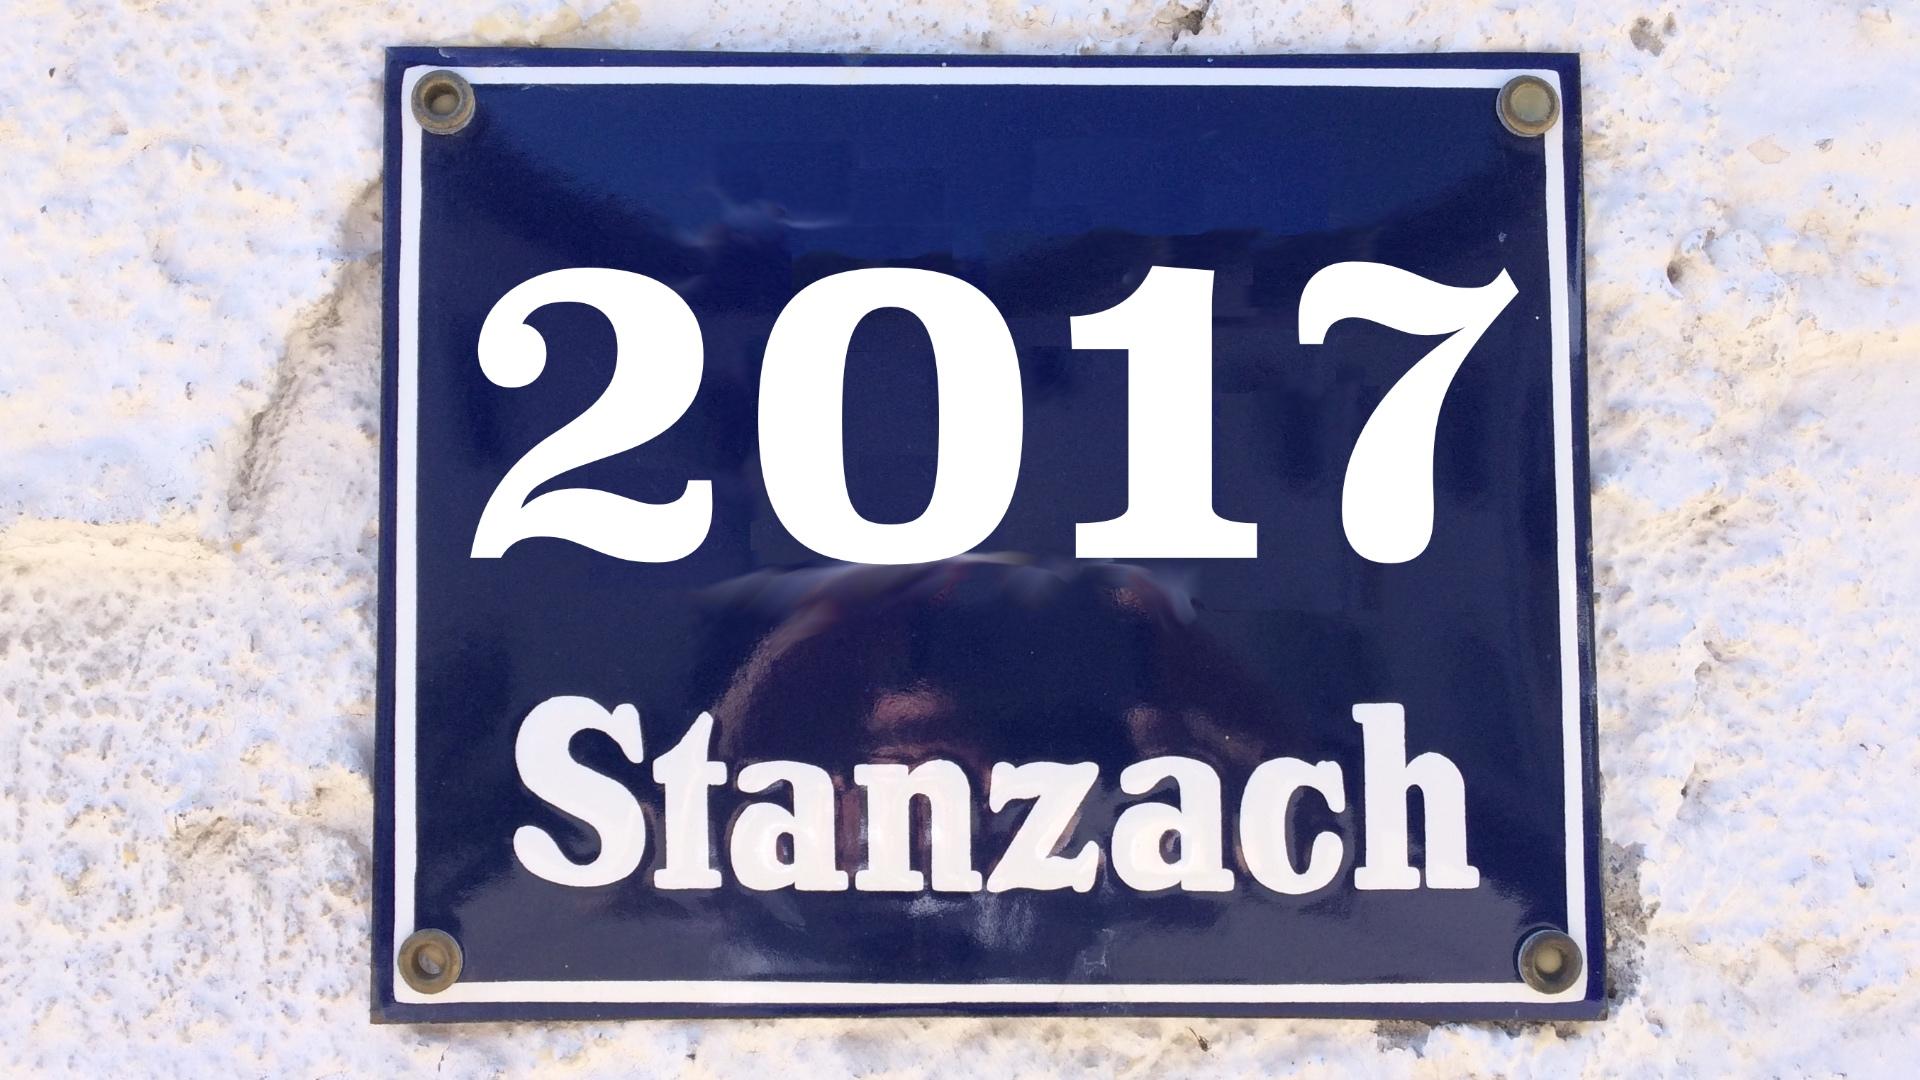 Stanzach 2017